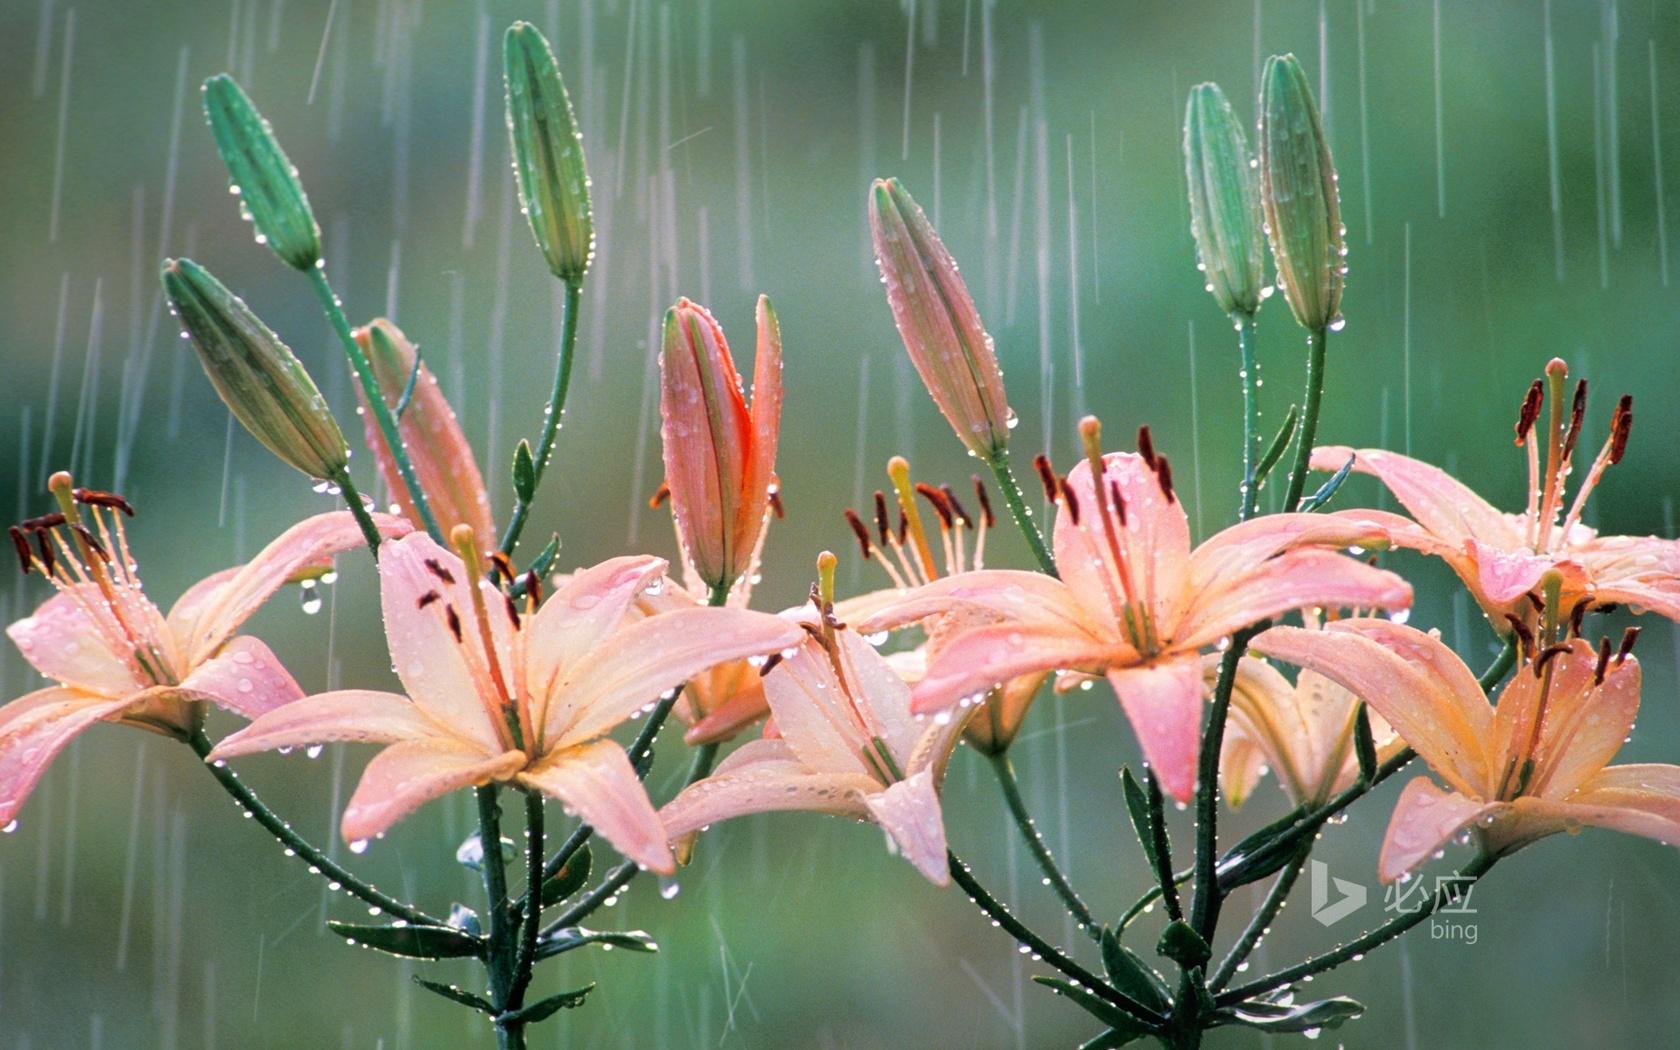 bing, цветы, лилии, бутоны, дождь, струи, мастики, тычинки, пестики